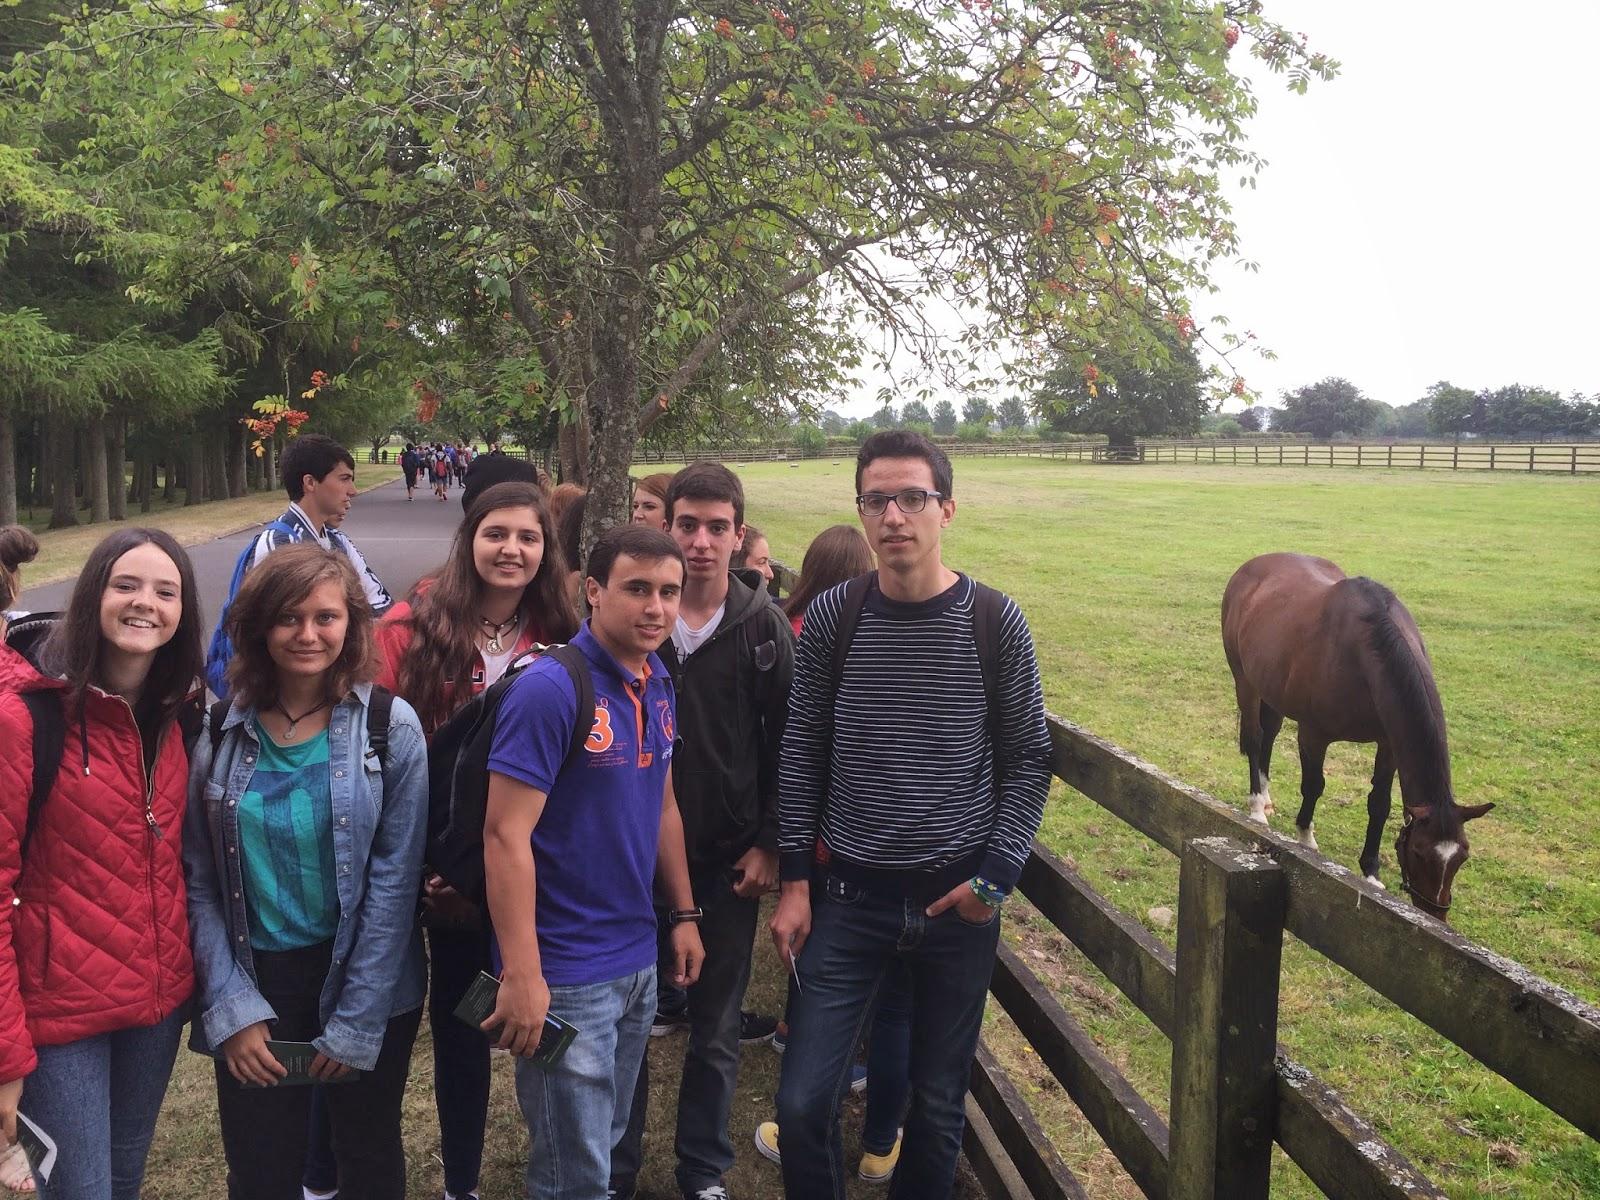 Colegio san jos verano 2013 dalkey irlanda irish for Jardines de poni